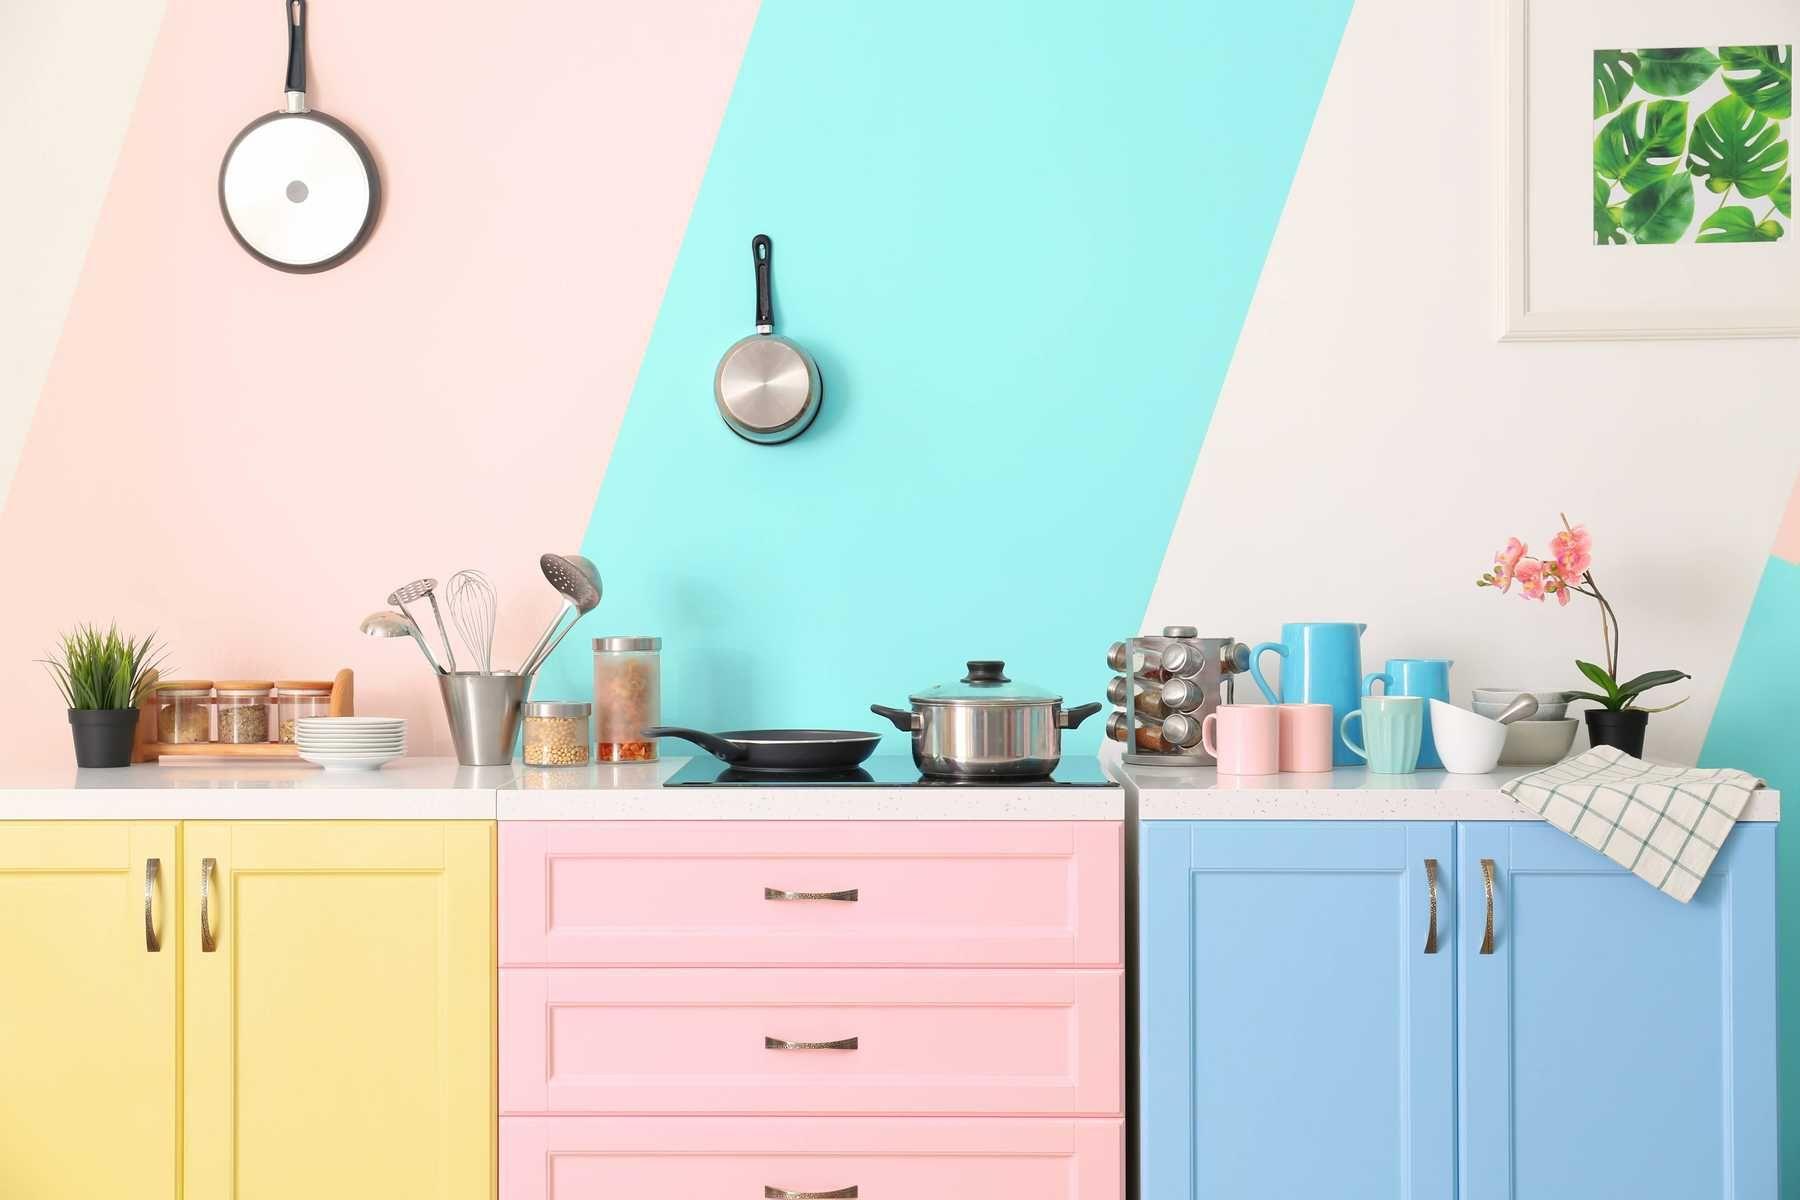 trang trí nhà bếp xinh xắn, dễ thương